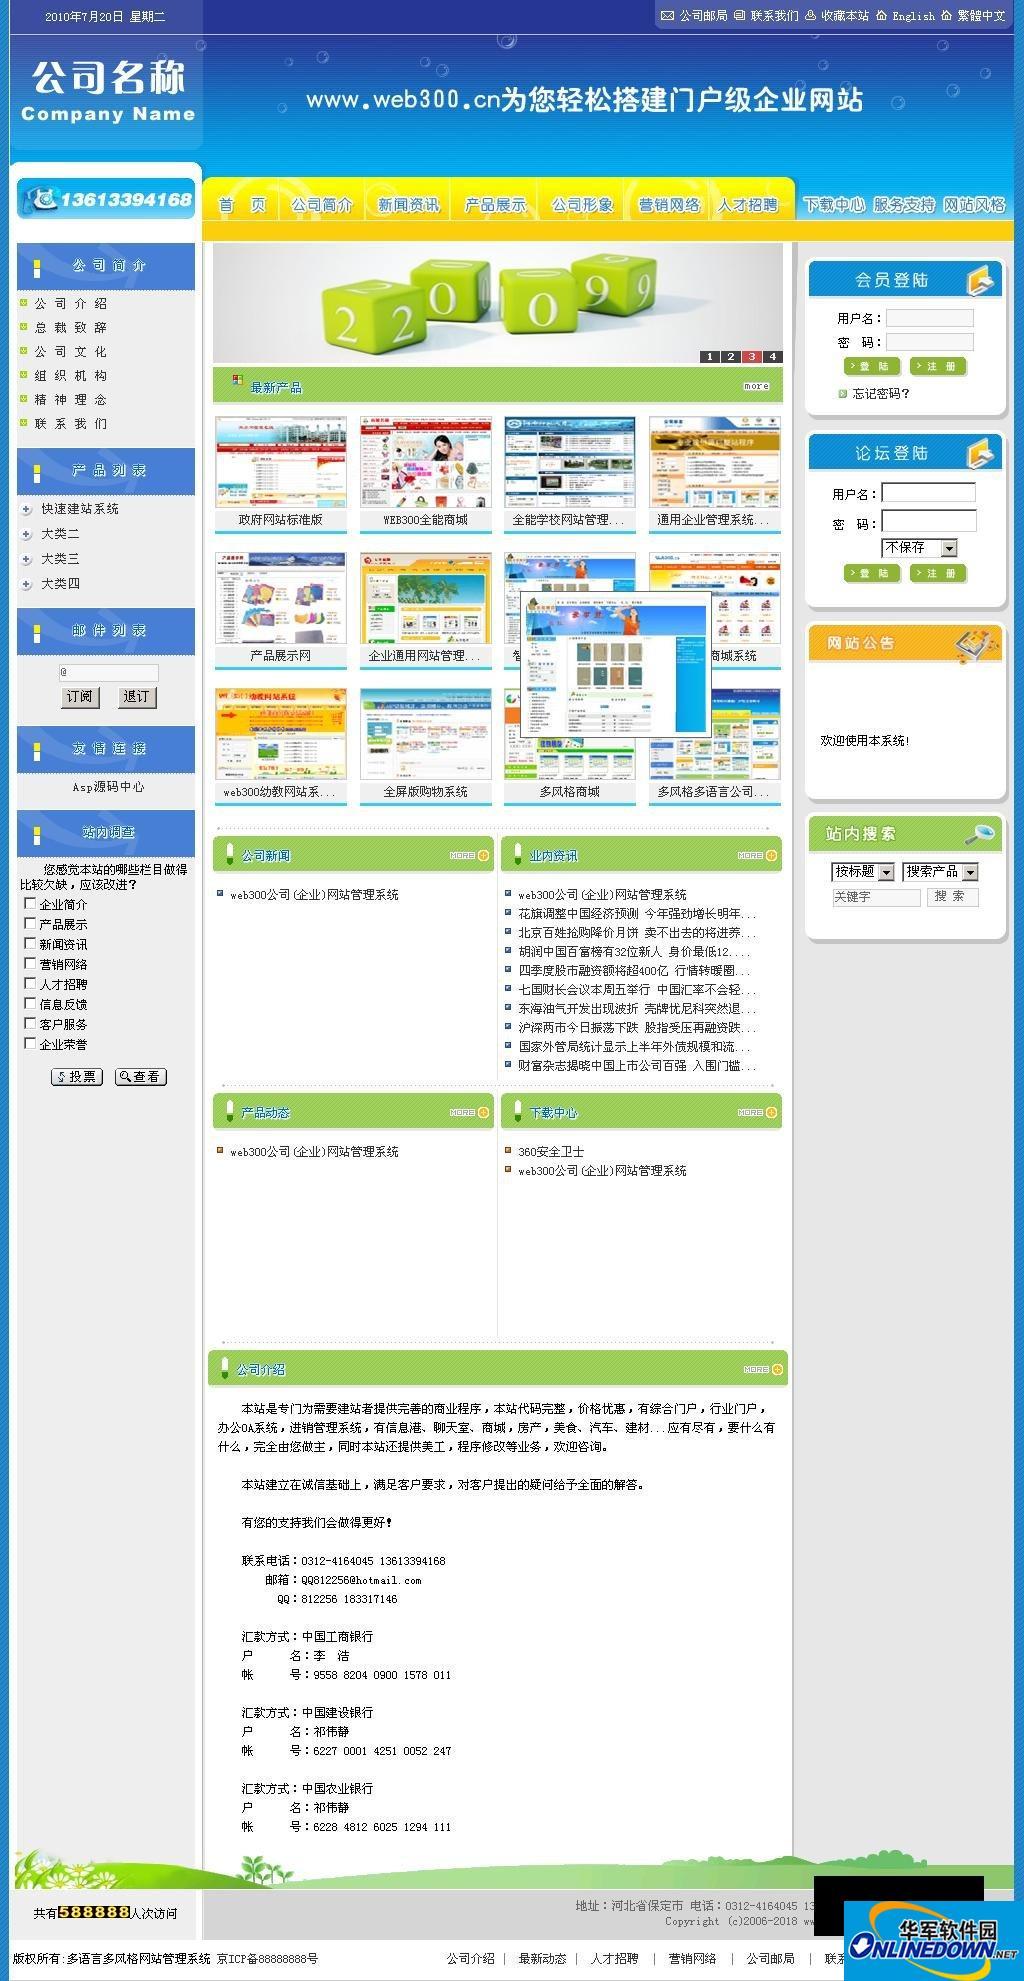 多风格多语言公司企业网站管理系统源码